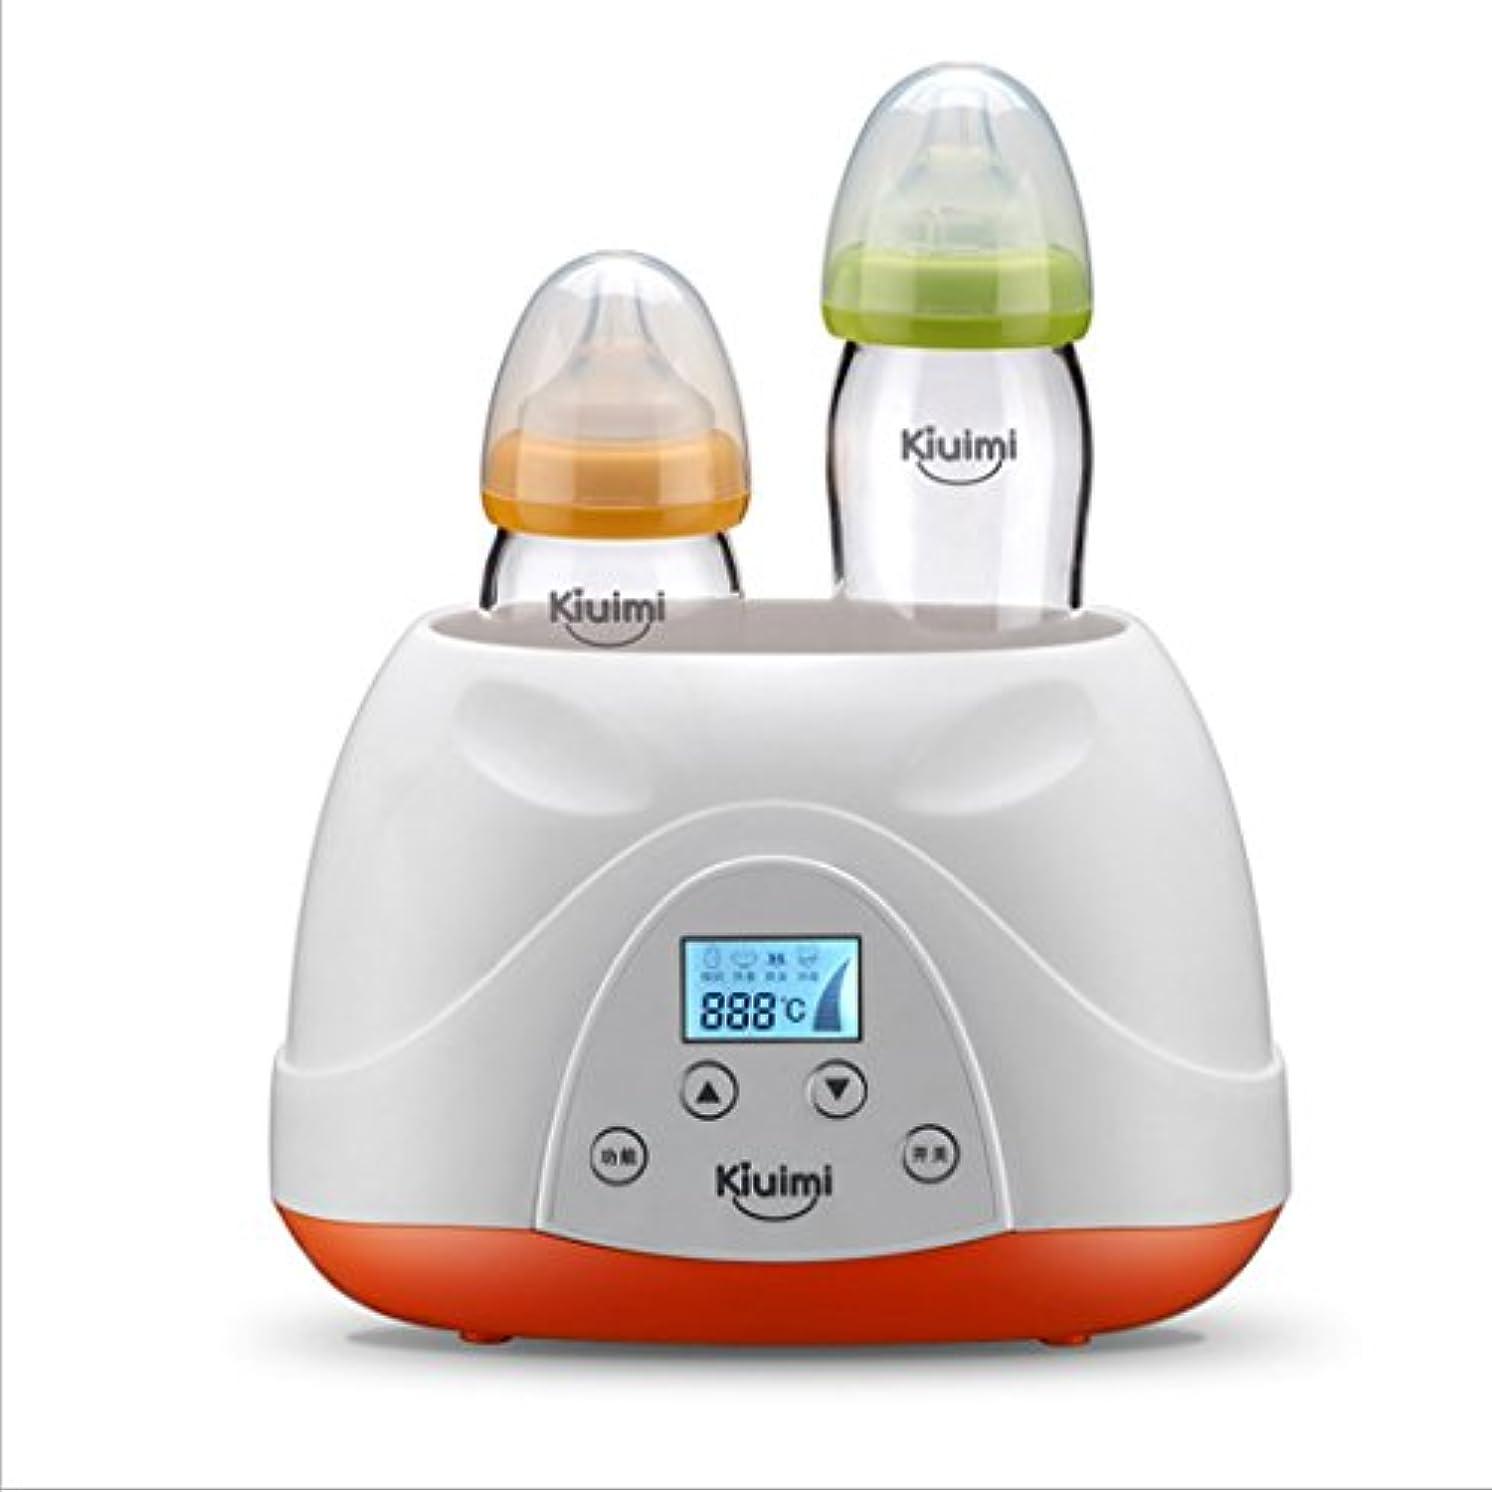 宿効率的映画滅菌器, ボトル断熱滅菌機、定温ミルクヒーター、自動定温、アンチドライ、多目的